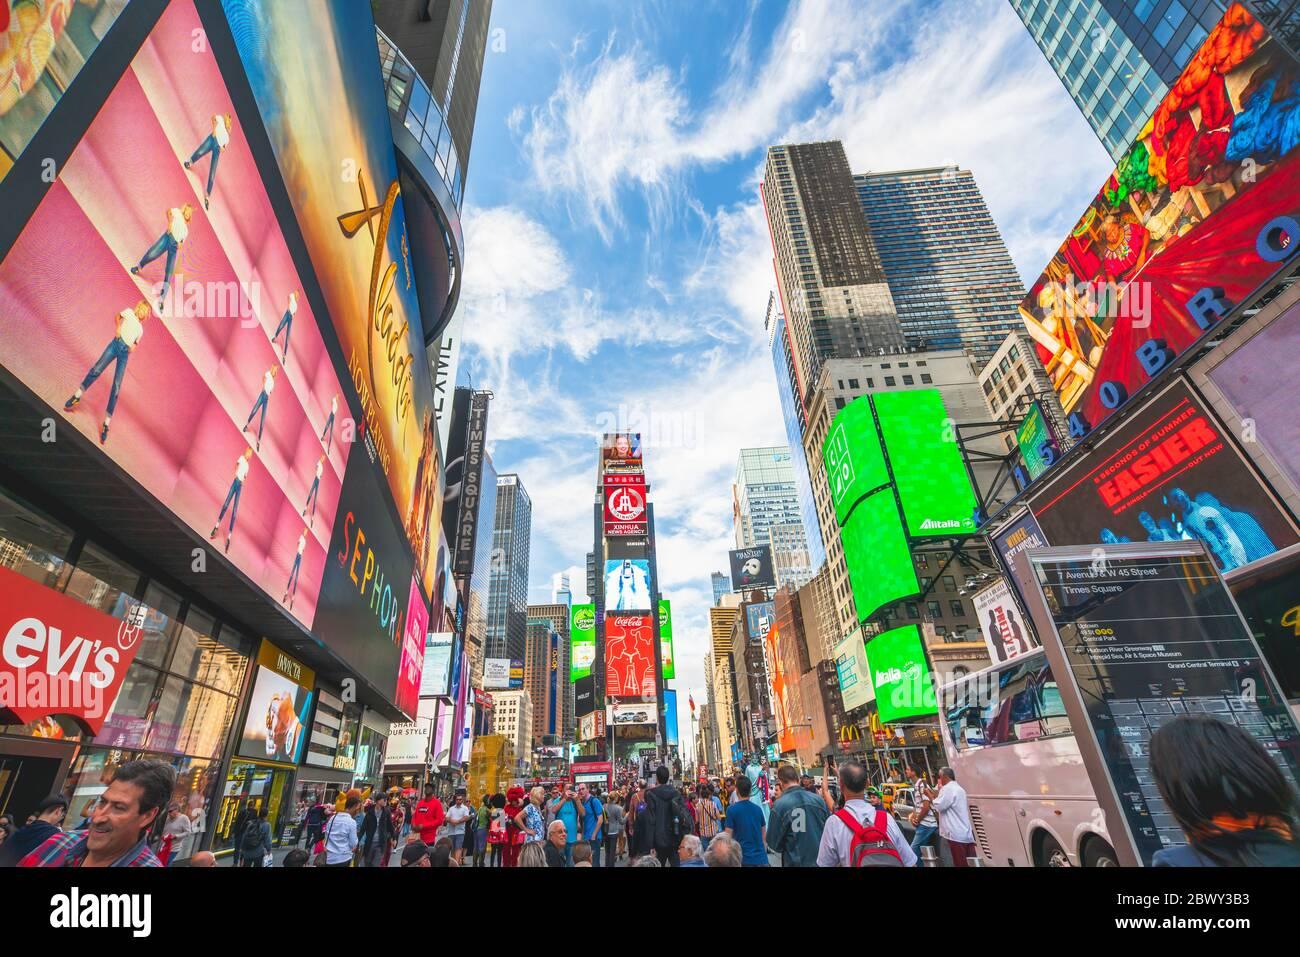 New York City/USA - 24 mai 2019 Times Square, l'une des attractions touristiques les plus visitées au monde. Rue bondée, éclairée par des panneaux d'affichage et des annonces Banque D'Images